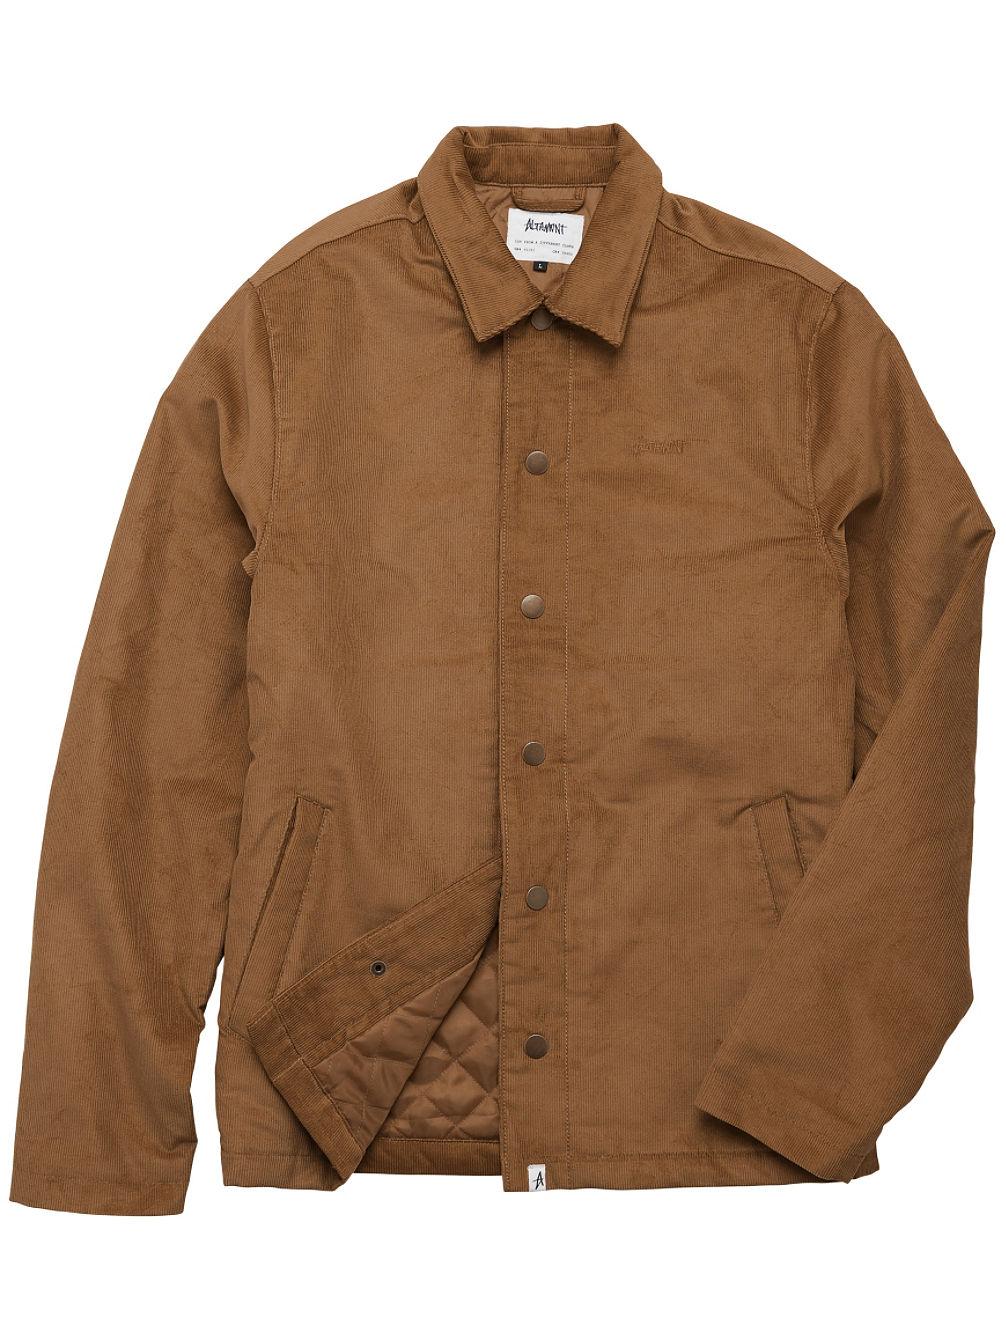 altamont-admiral-coach-jacket